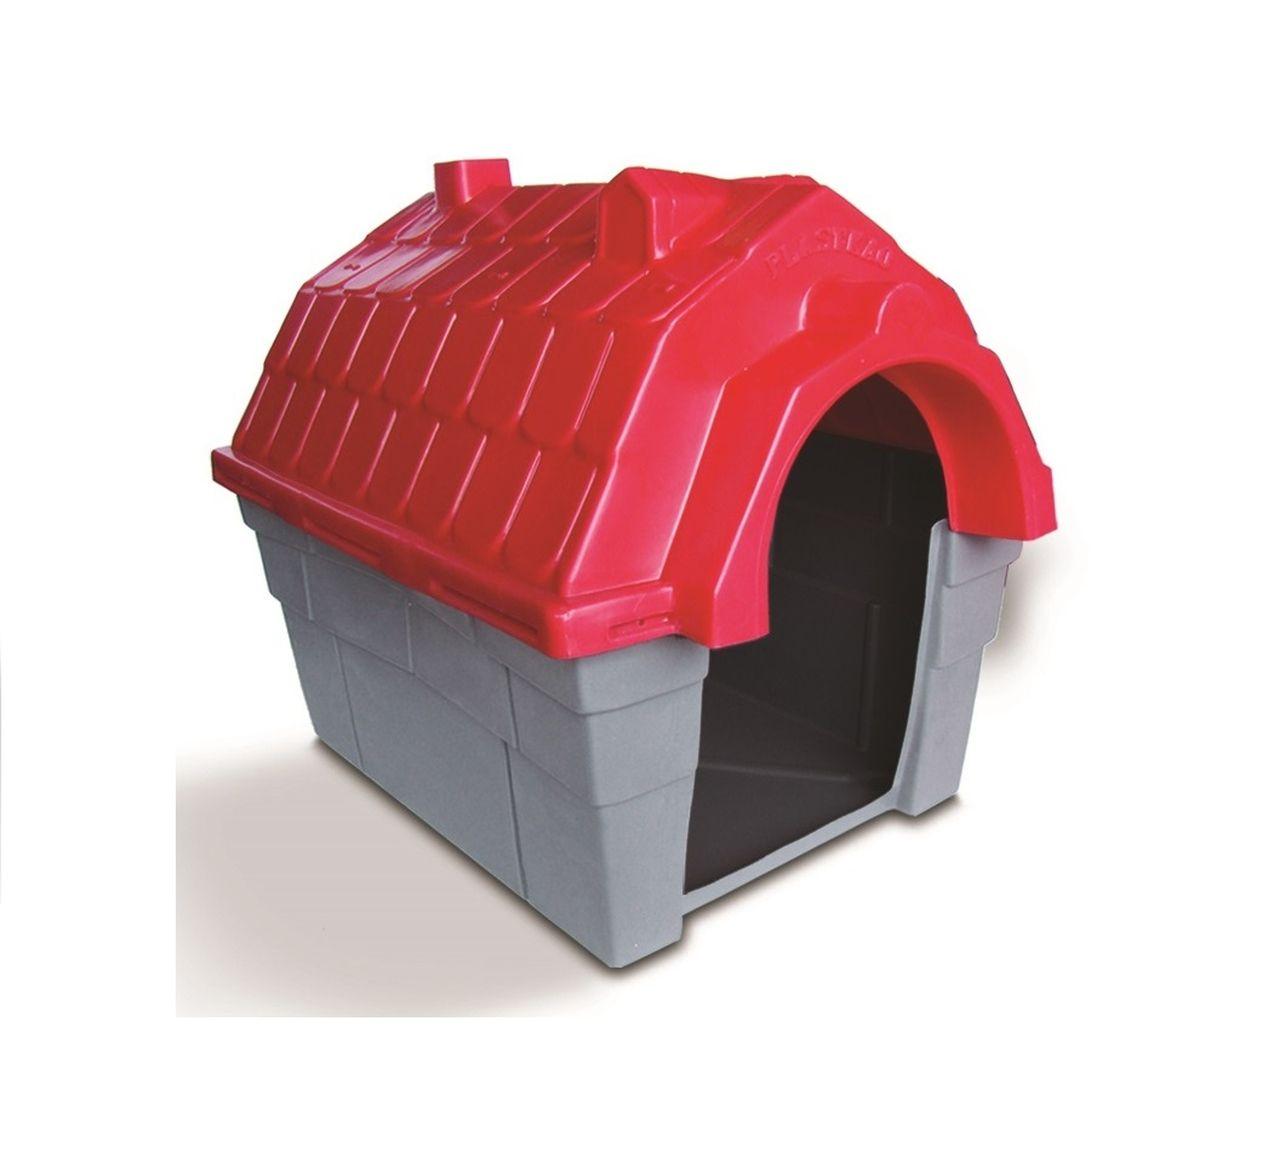 Casinha Cachorro Plástica nº 04 Vermelha